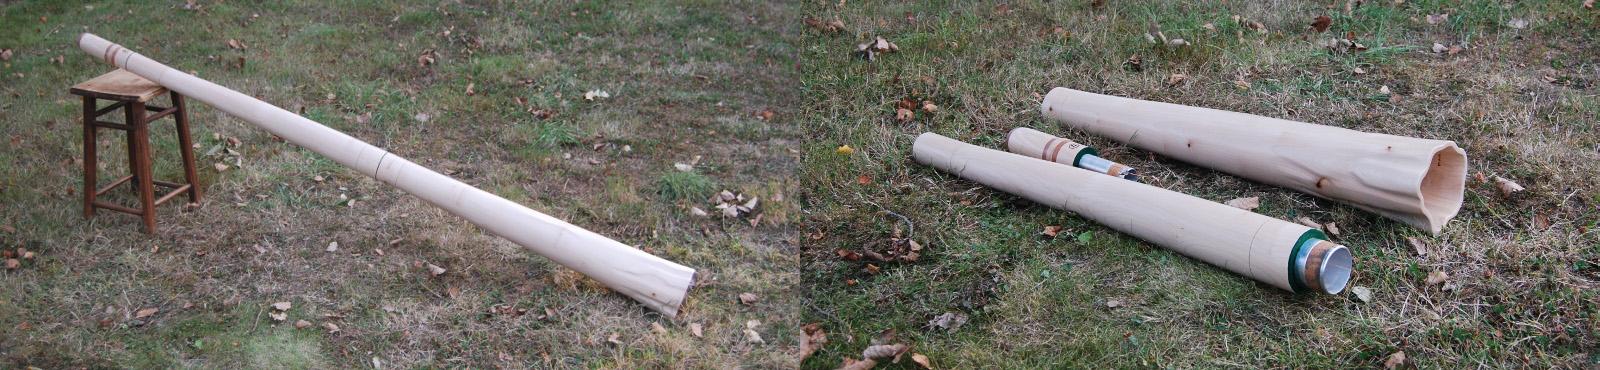 Pivert-Didgeridoos_95_Banniere